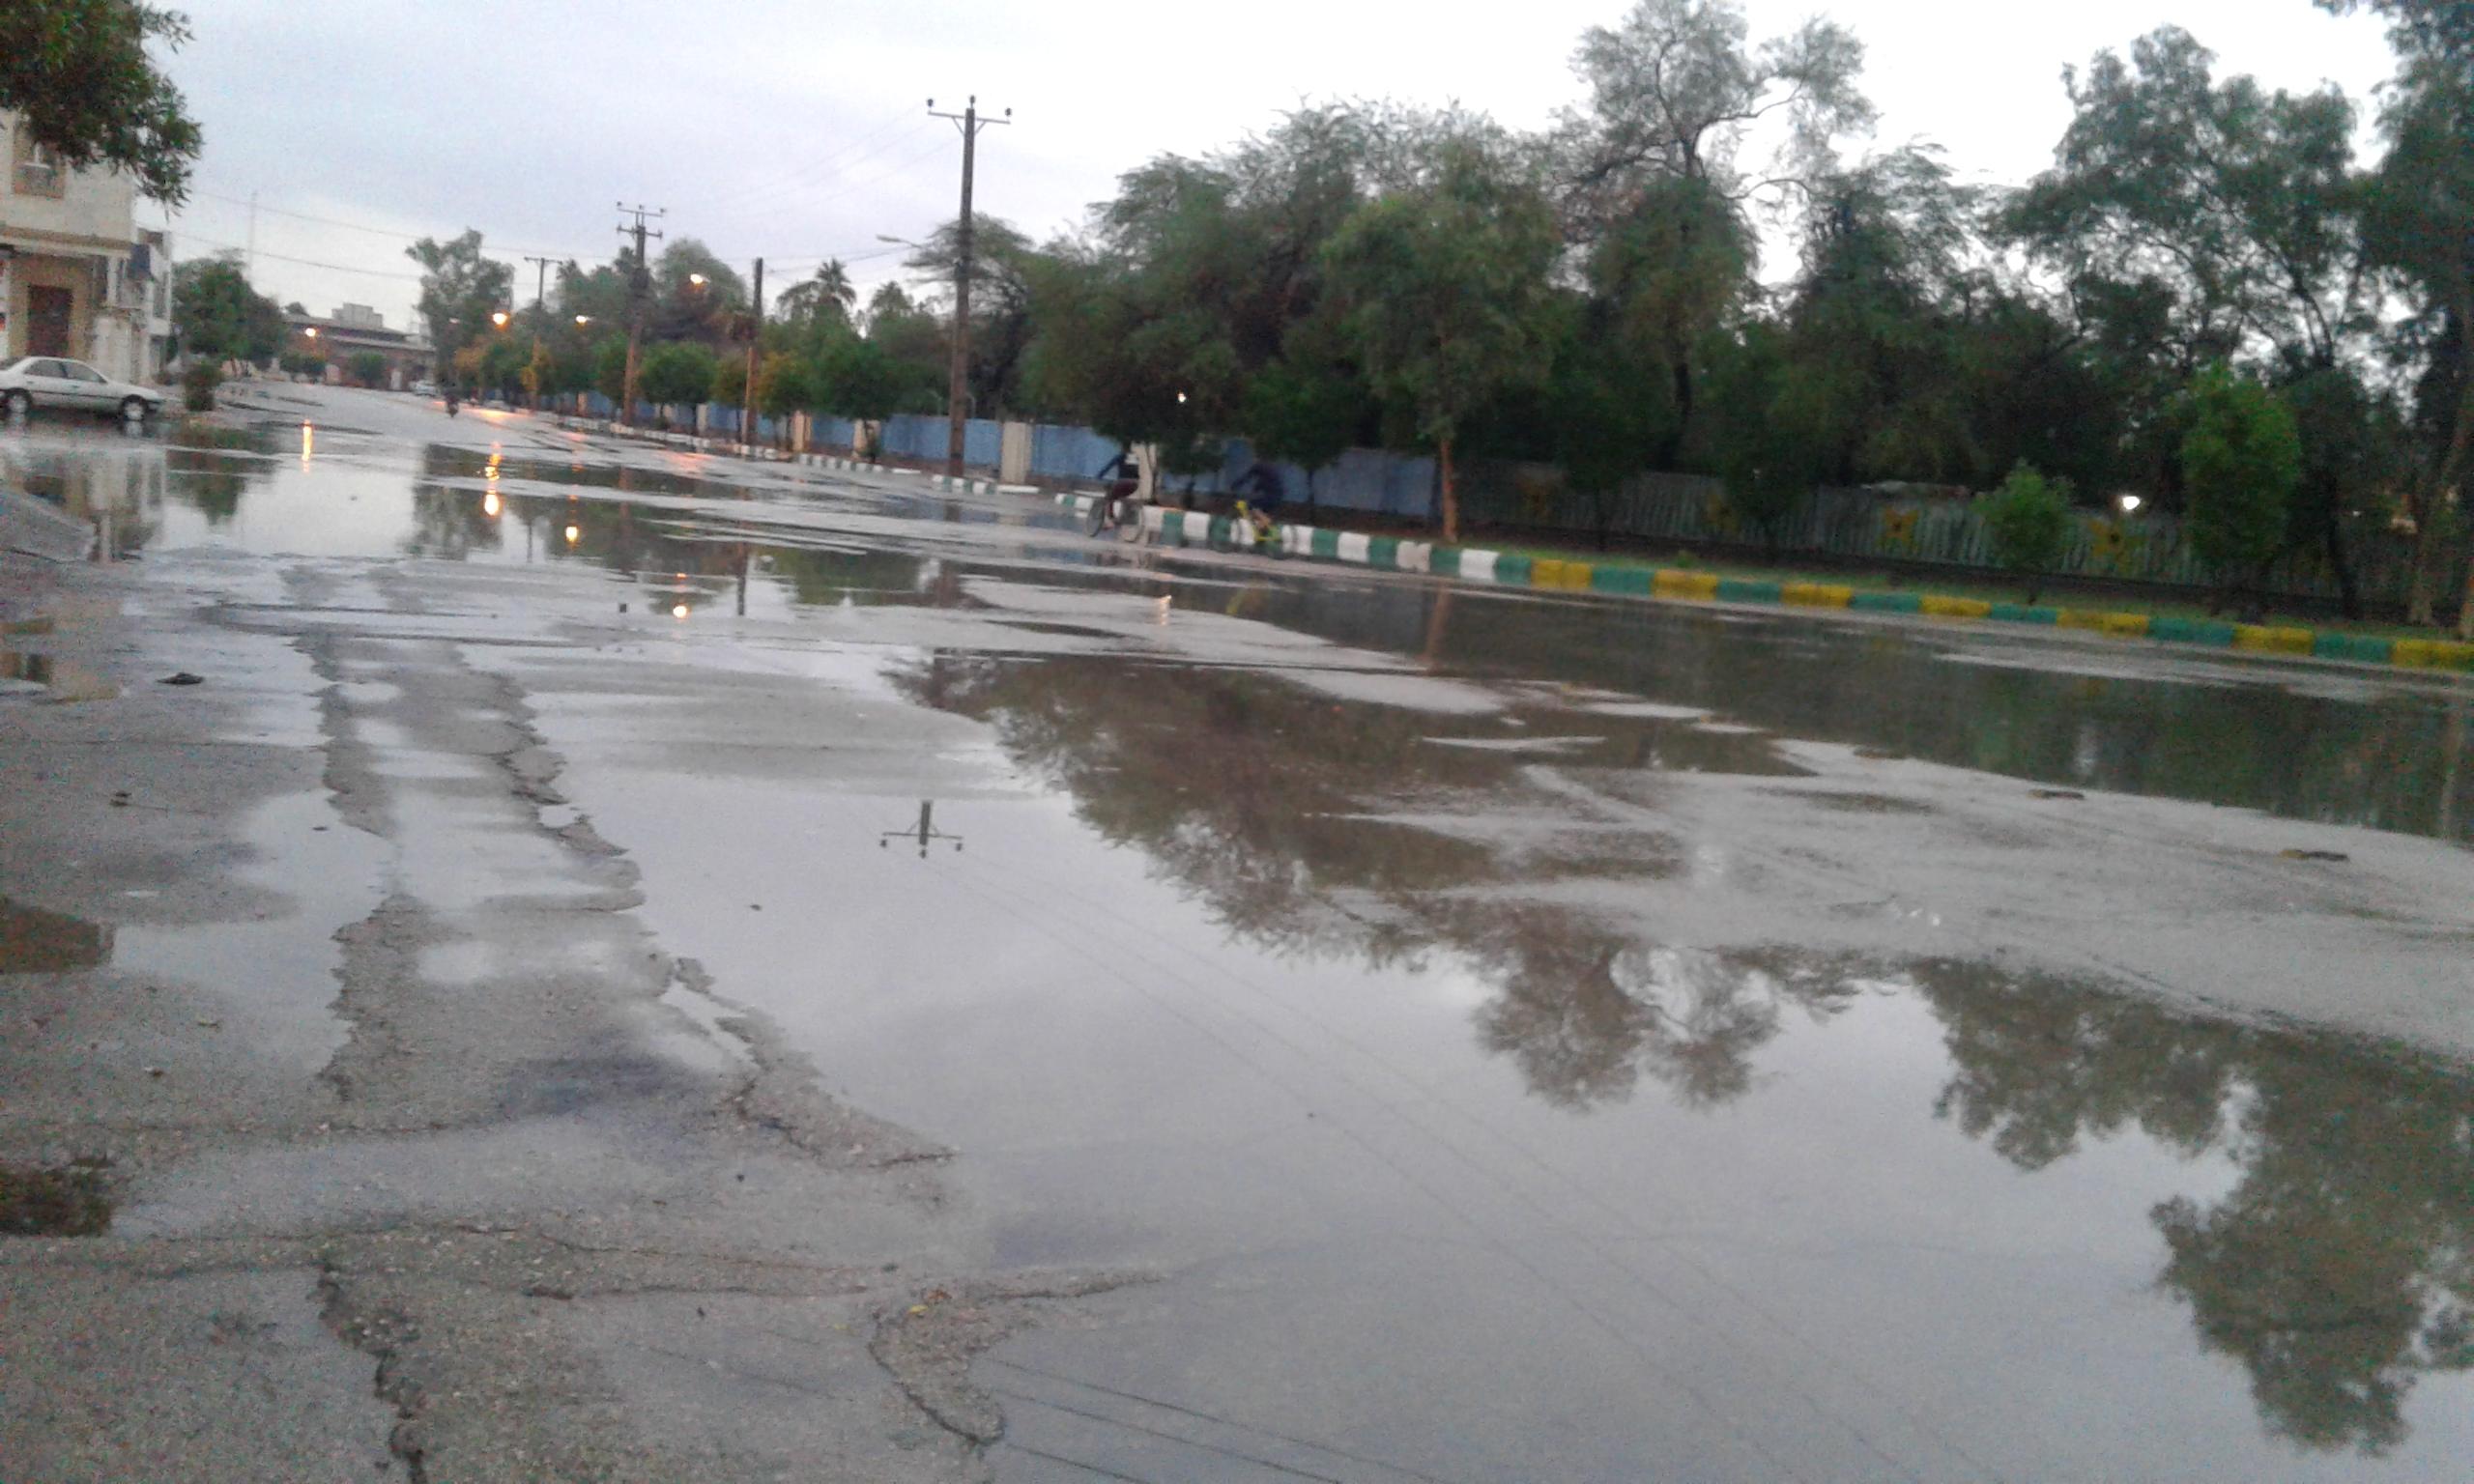 الأمطار تحول شوارع الأهواز إلى أنهار